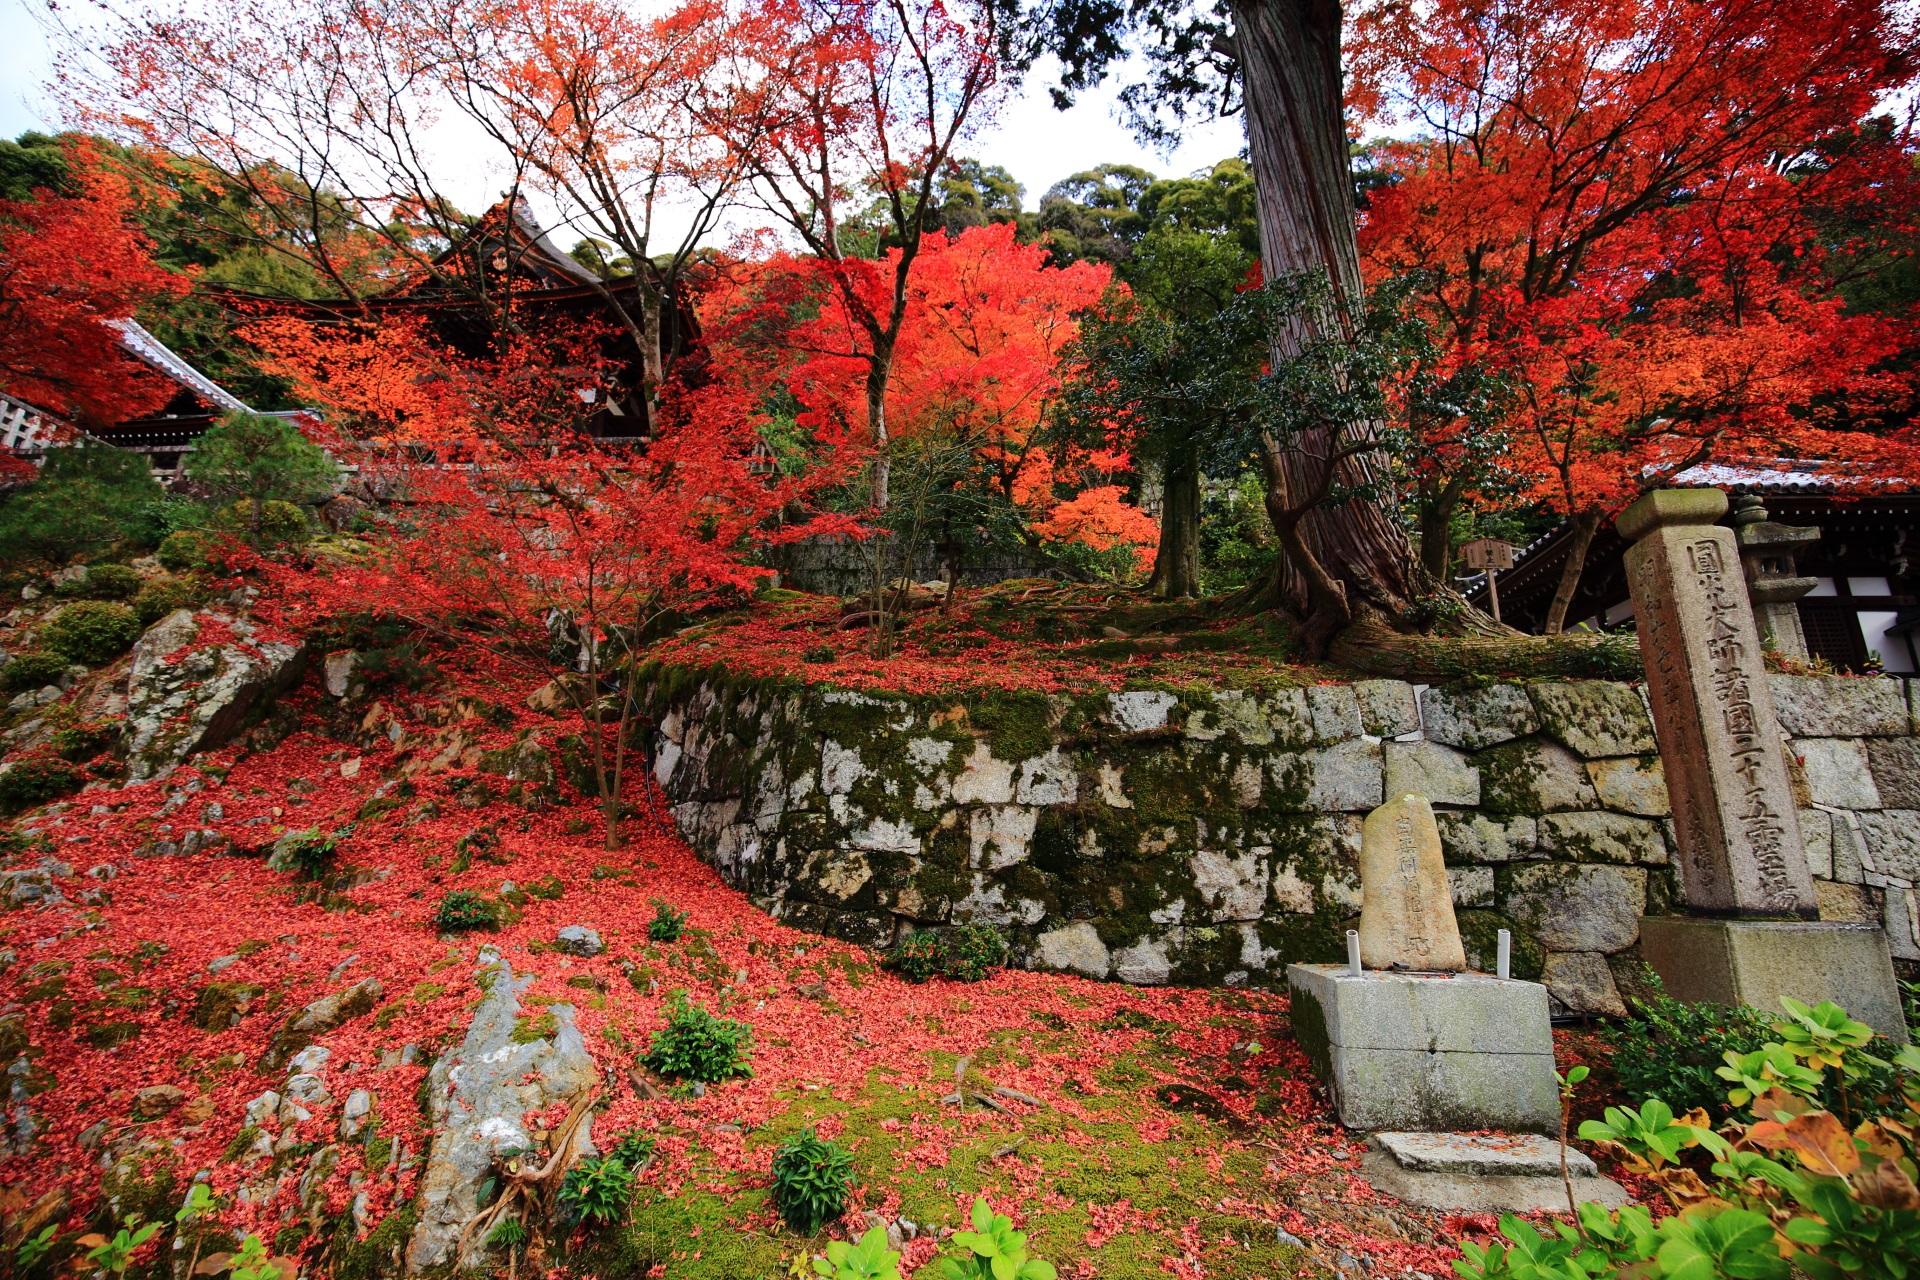 散り紅葉もいっぱいの秋に染まる法然上人御廟